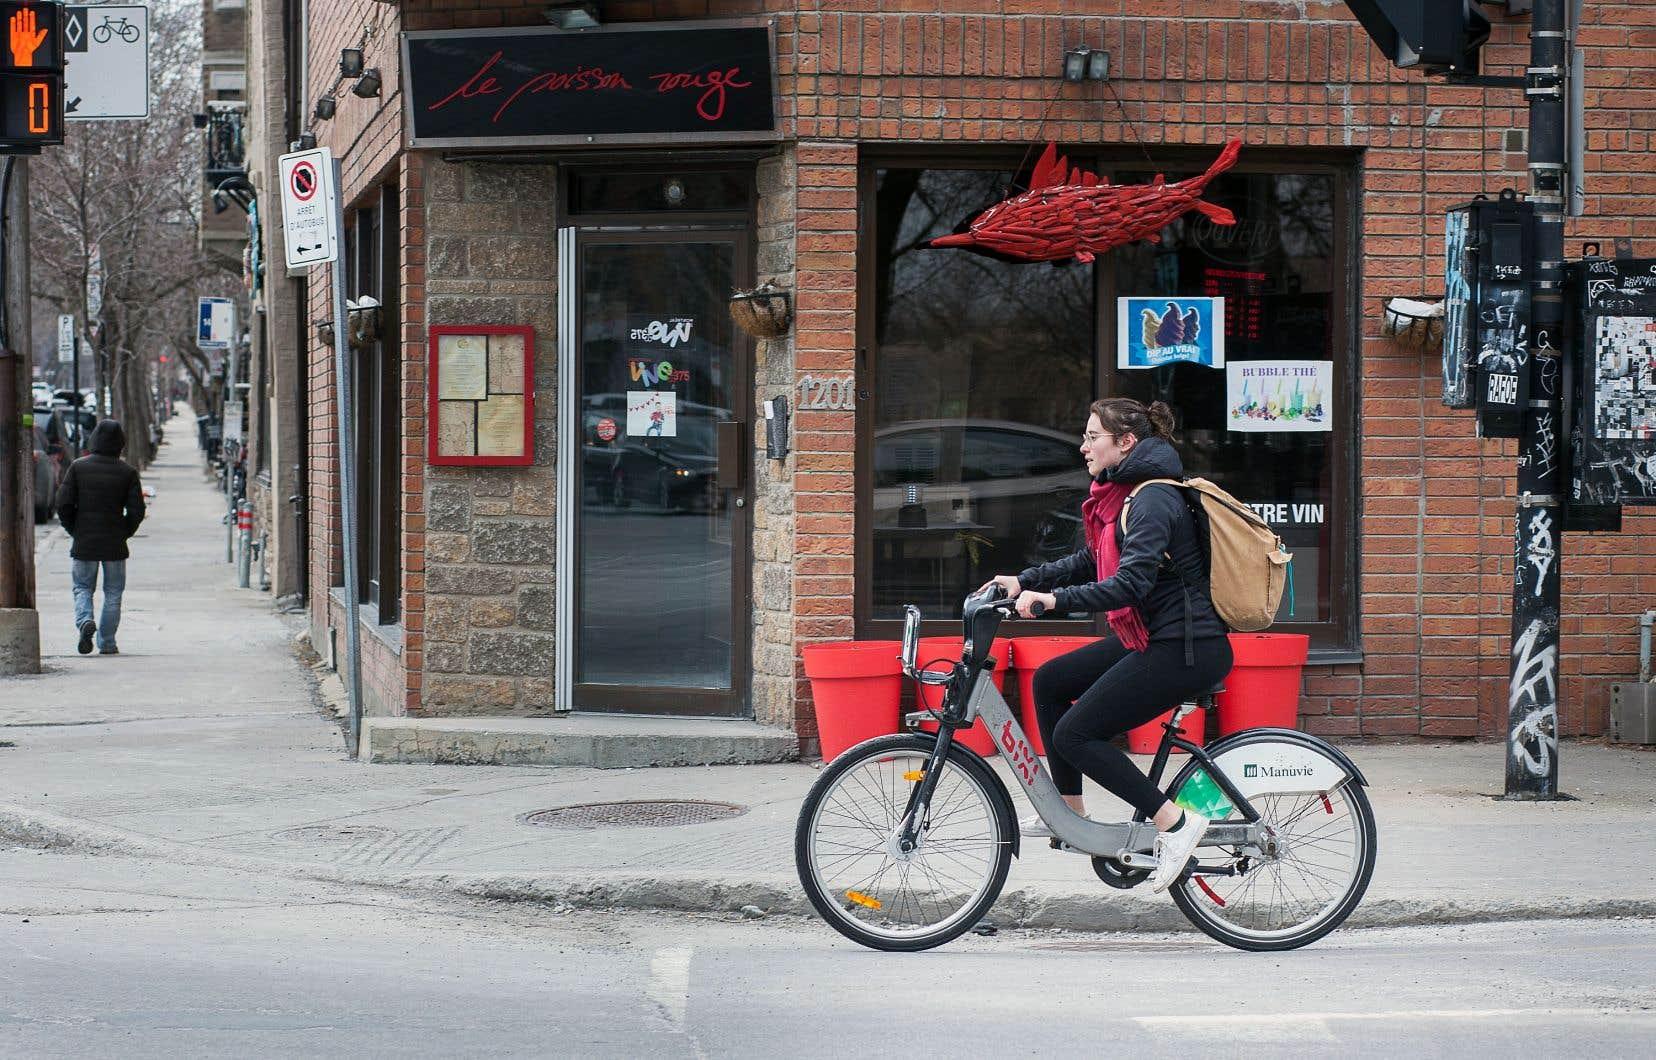 On trouve de tout sur les pistes et les bandes cyclables de la métropole, des travailleurs en transit aux cyclistes sportifs, en passant par les familles avec de jeunes enfants et les touristes. On trouve aussi plusieurs types de vélos qui, selon le modèle — et la personne qui l'enfourche —, ne permettent pas tous d'aller à la même vitesse.